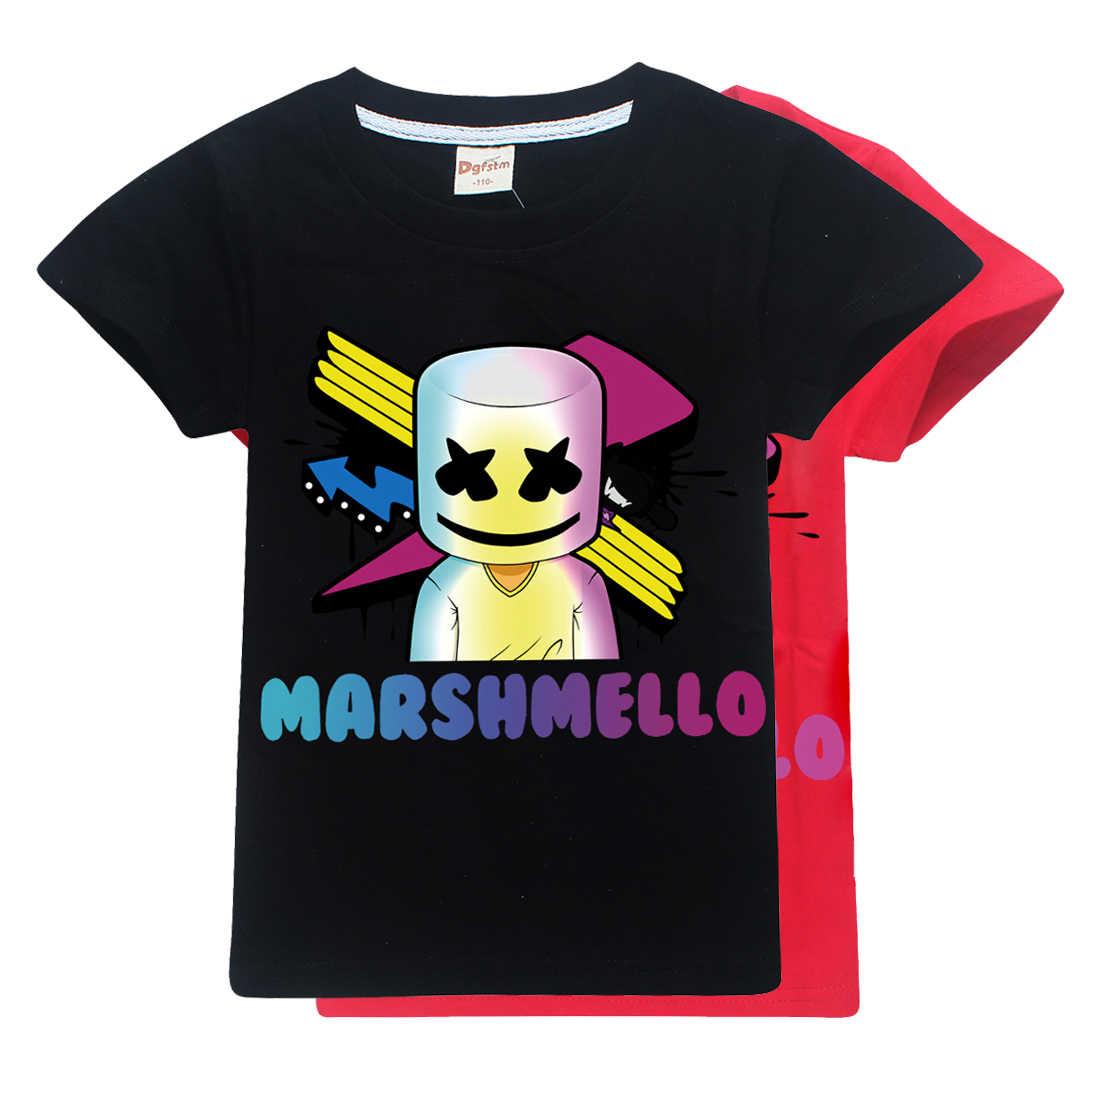 e60ec44d8 Marshmello T camisa música DJ Tops para niño niñas ropa de moda de verano  de 2019